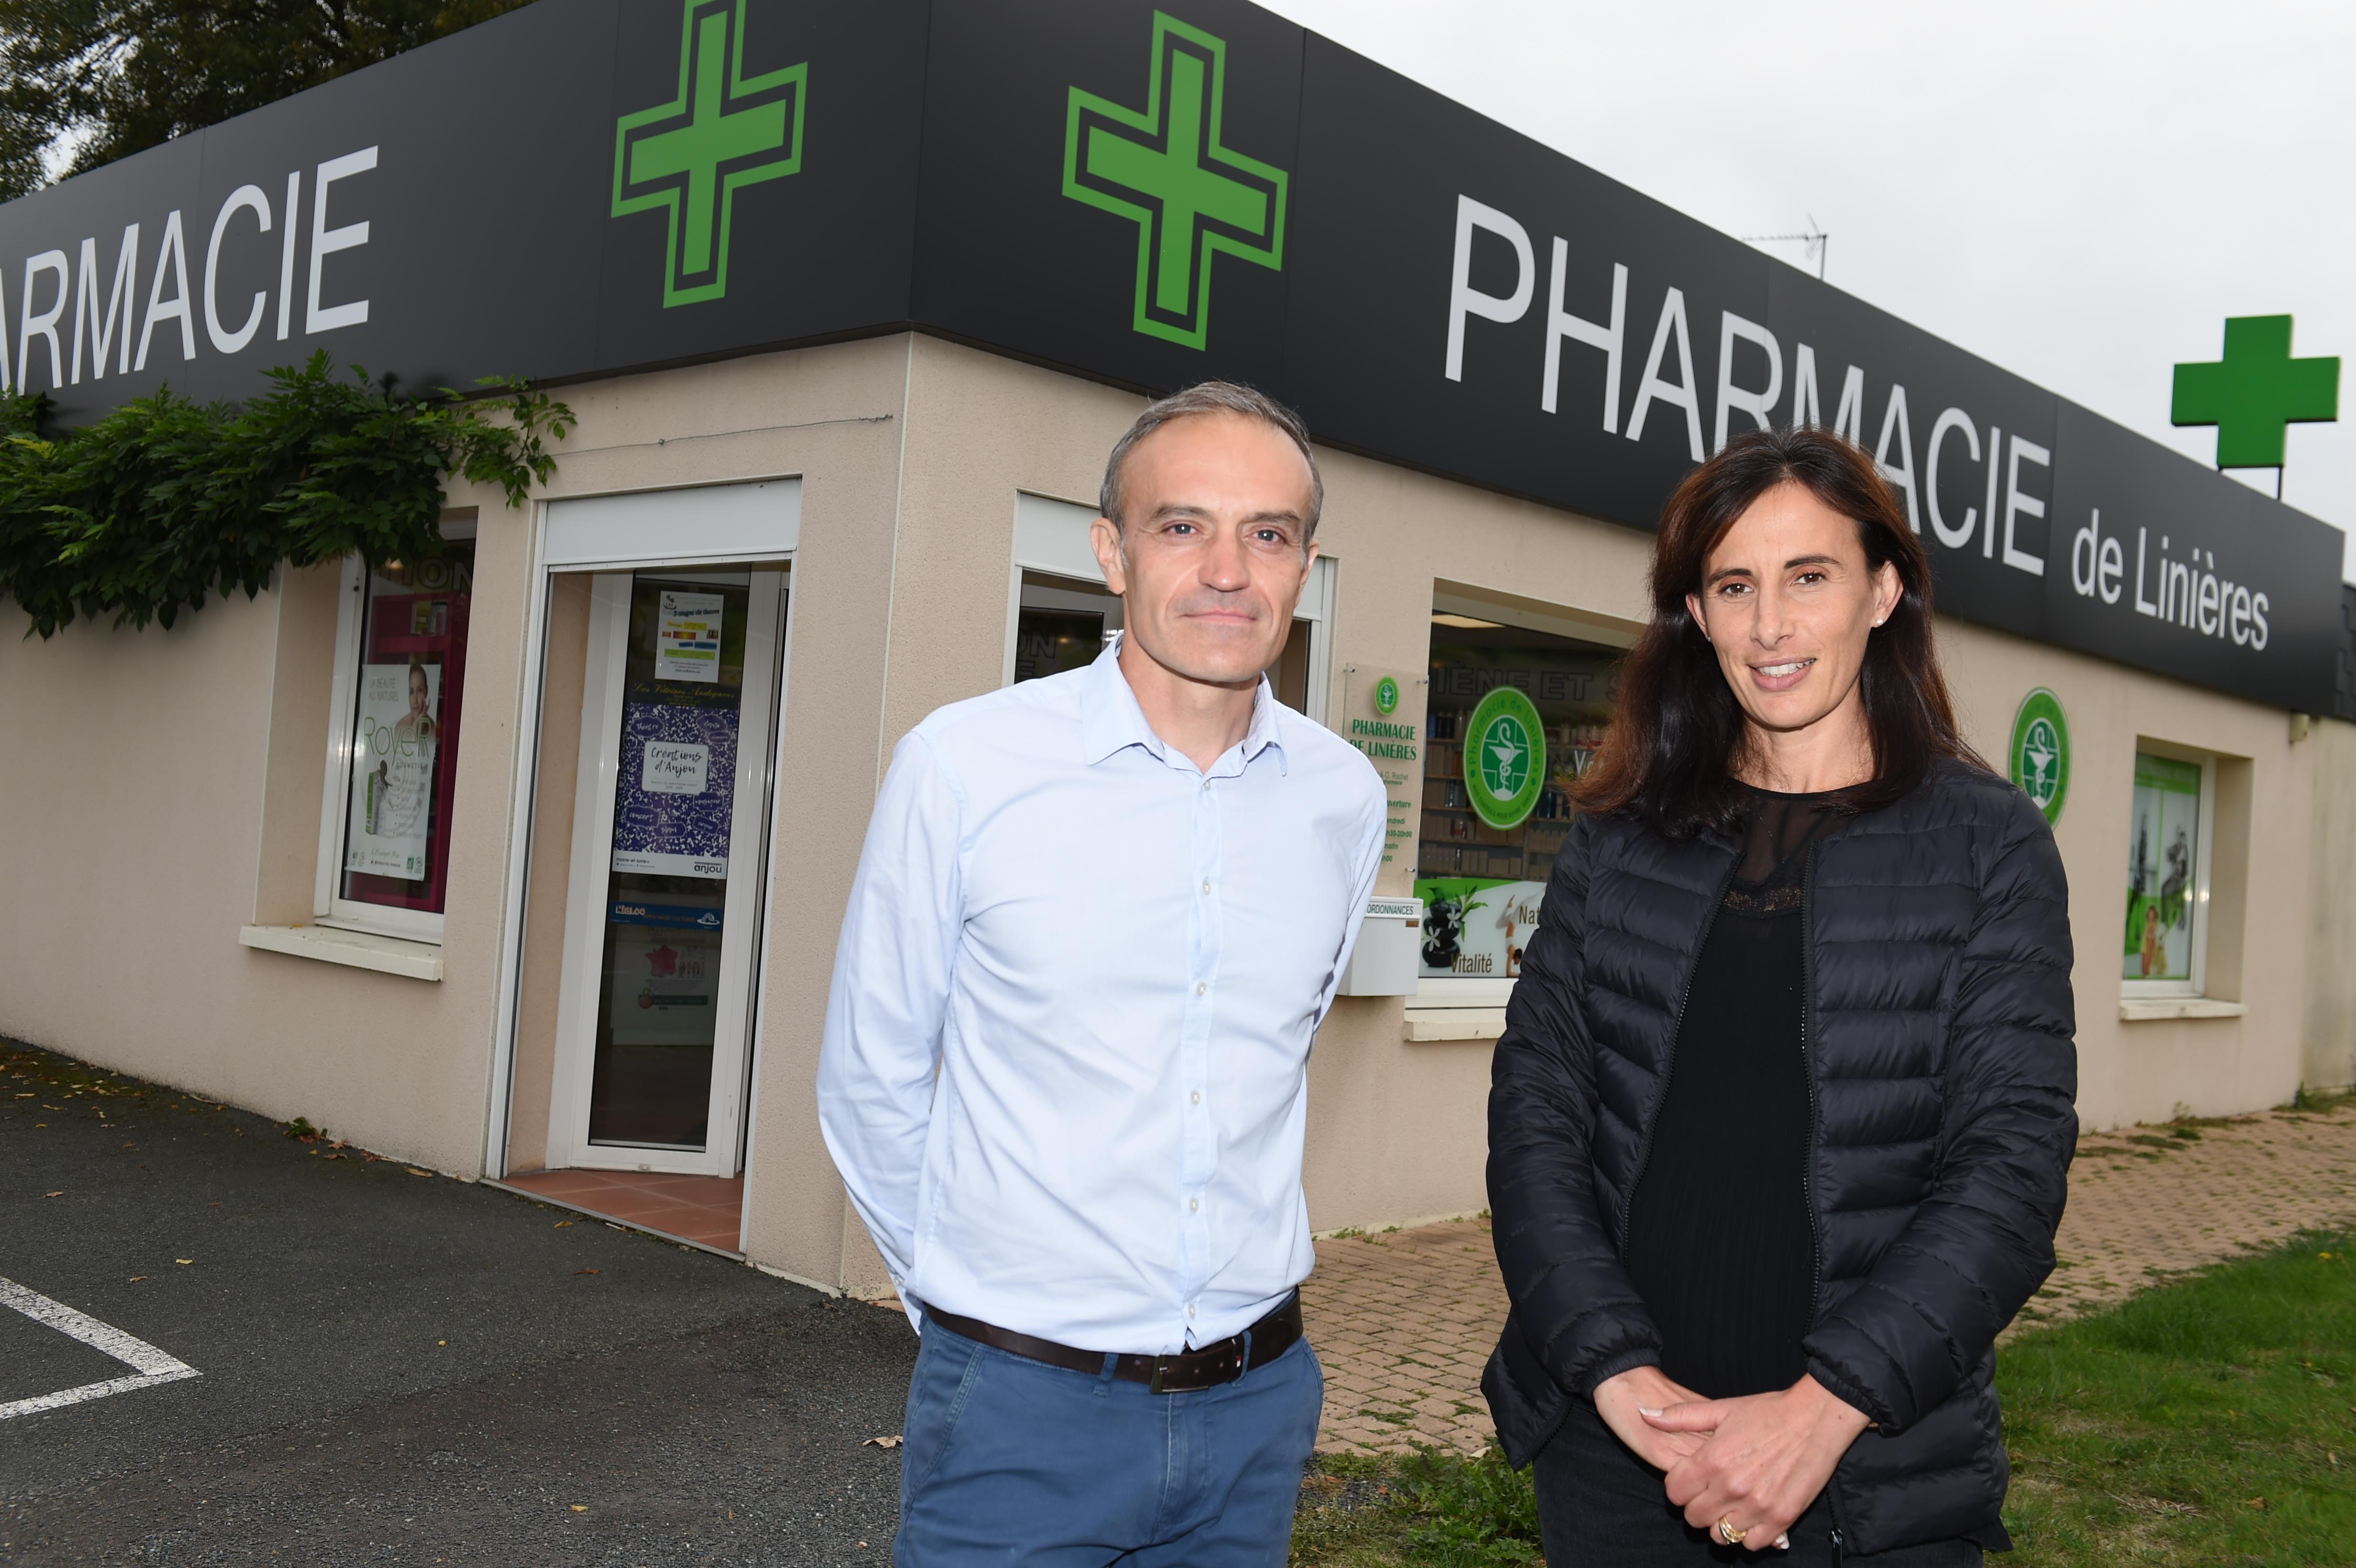 Pharmacie de Linieres